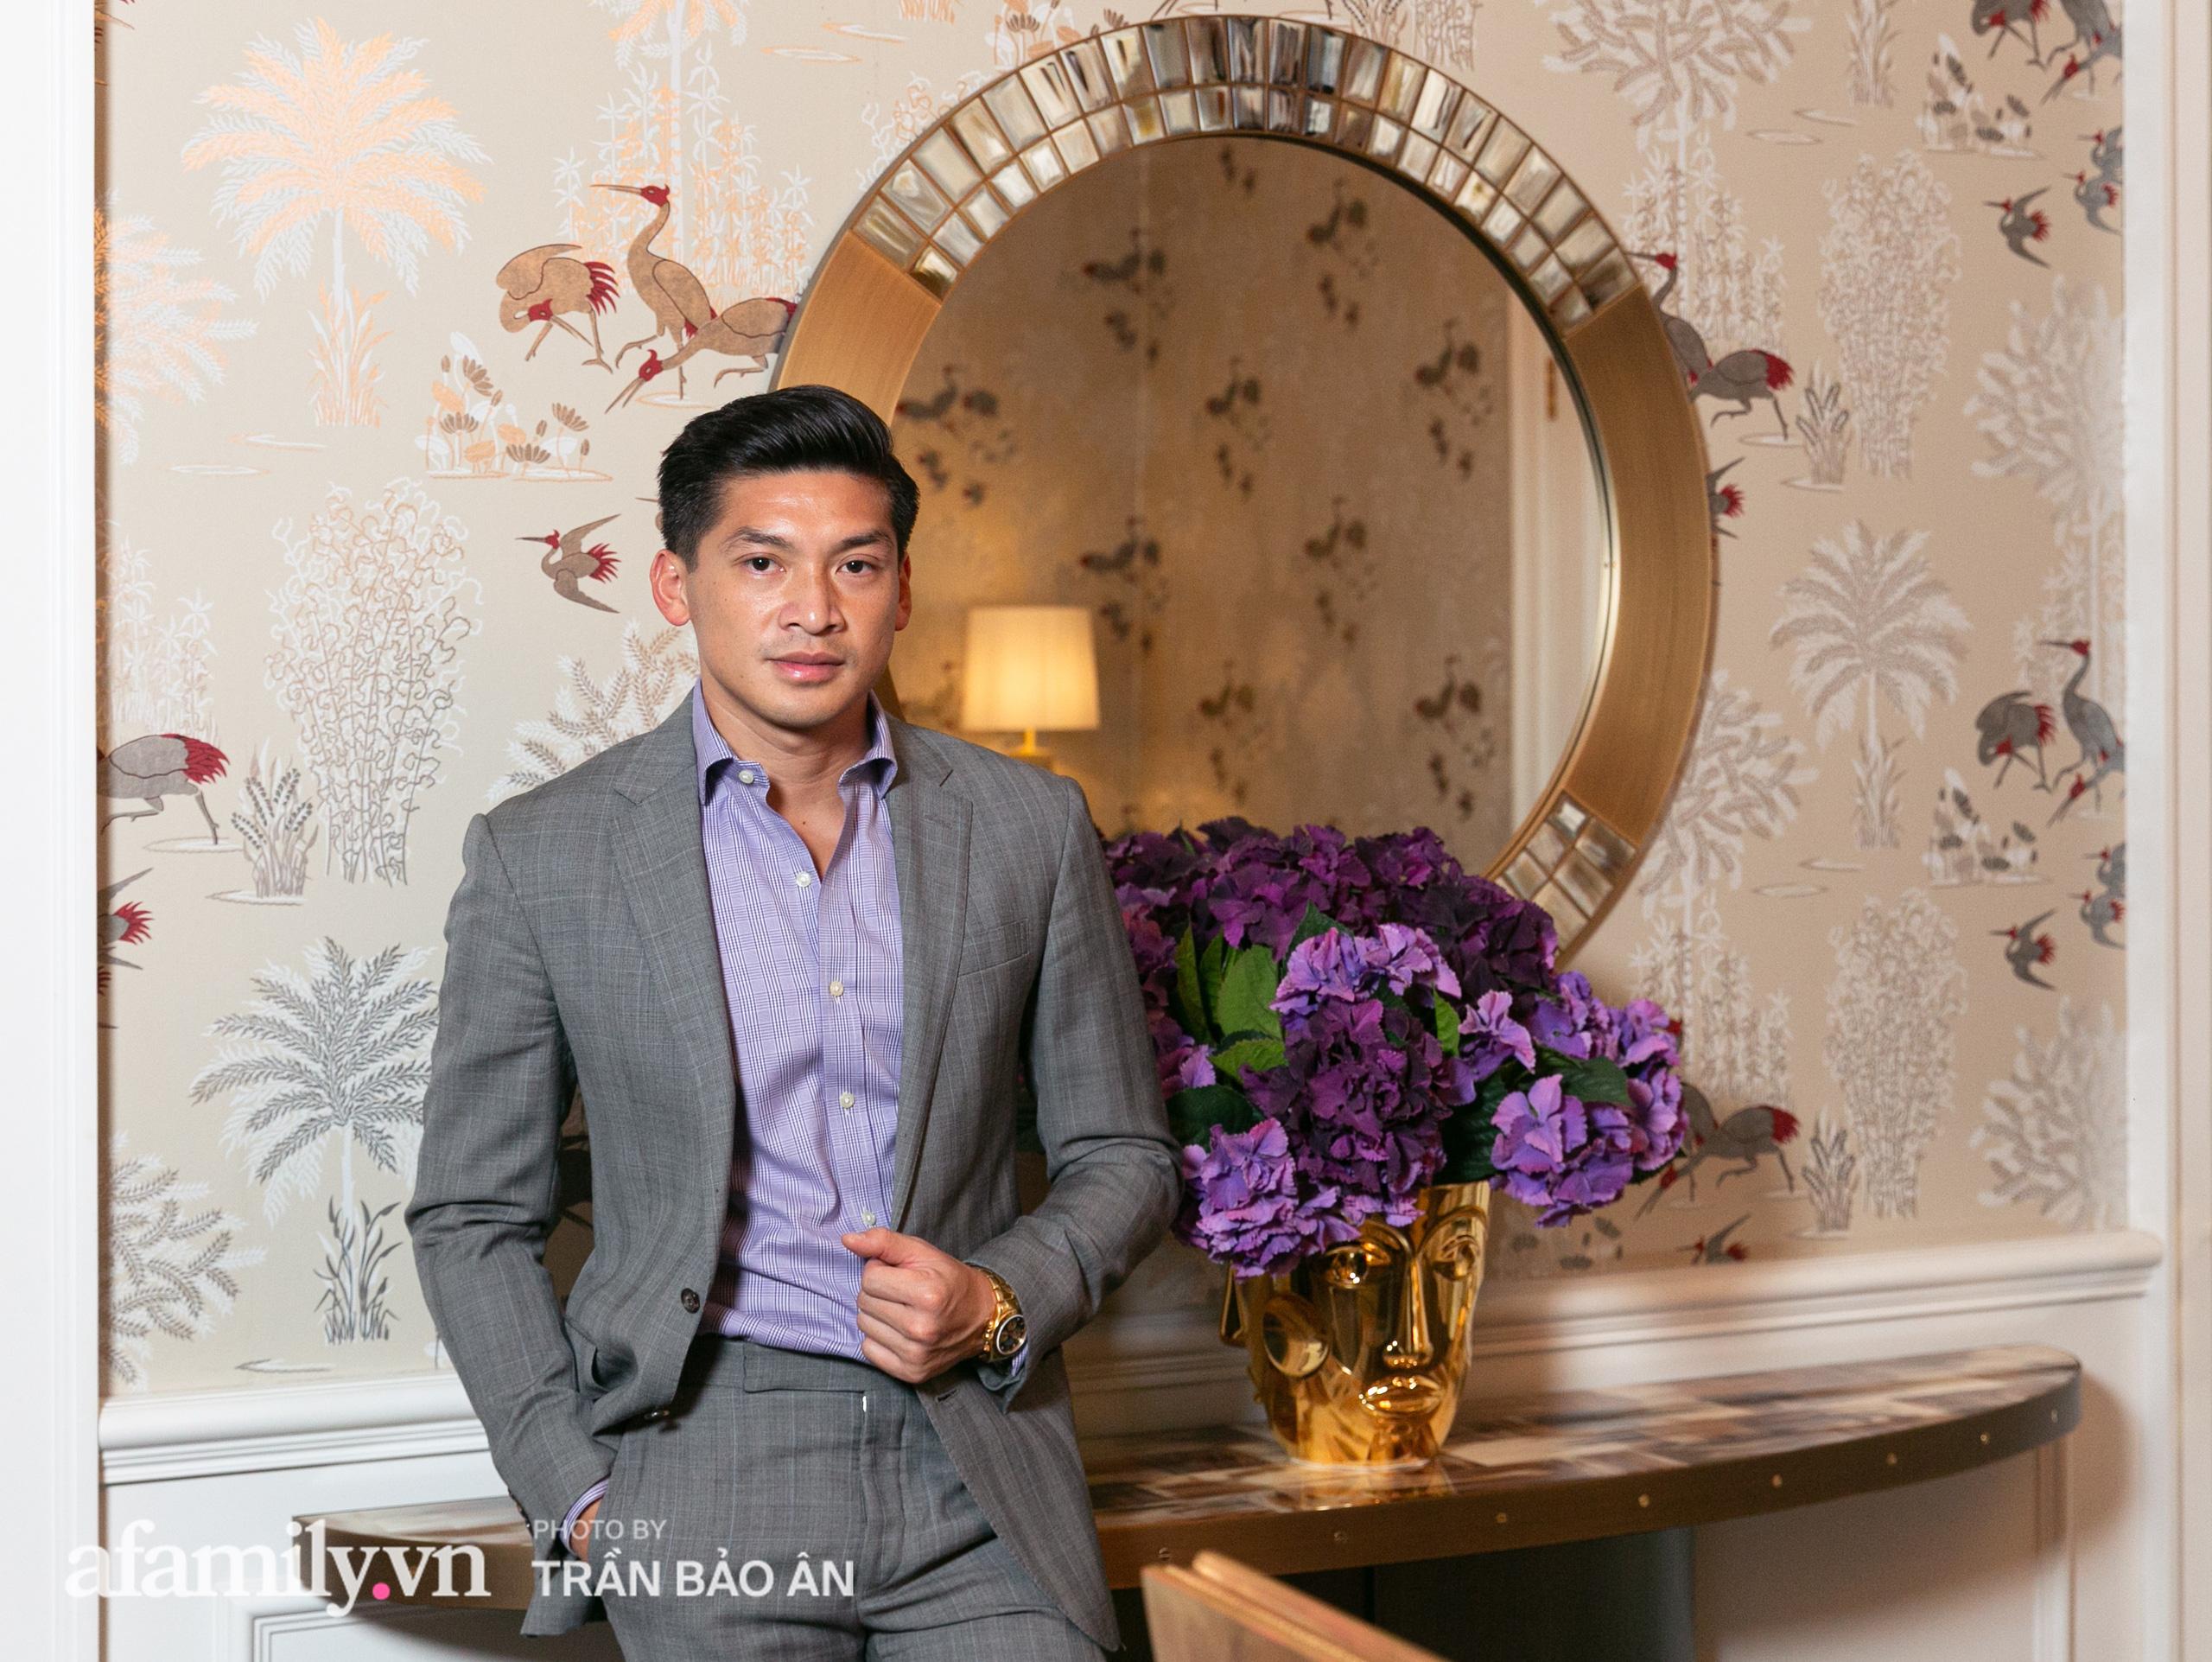 """Yves Huy Phan – CEO 30 tuổi đã làm chủ đế chế nội thất xa xỉ tiết lộ quá trình """"làm giàu"""" và điều bí mật ai cũng tò mò trong mối tình đồng giới với nhà thiết kế nổi tiếng - Ảnh 11."""